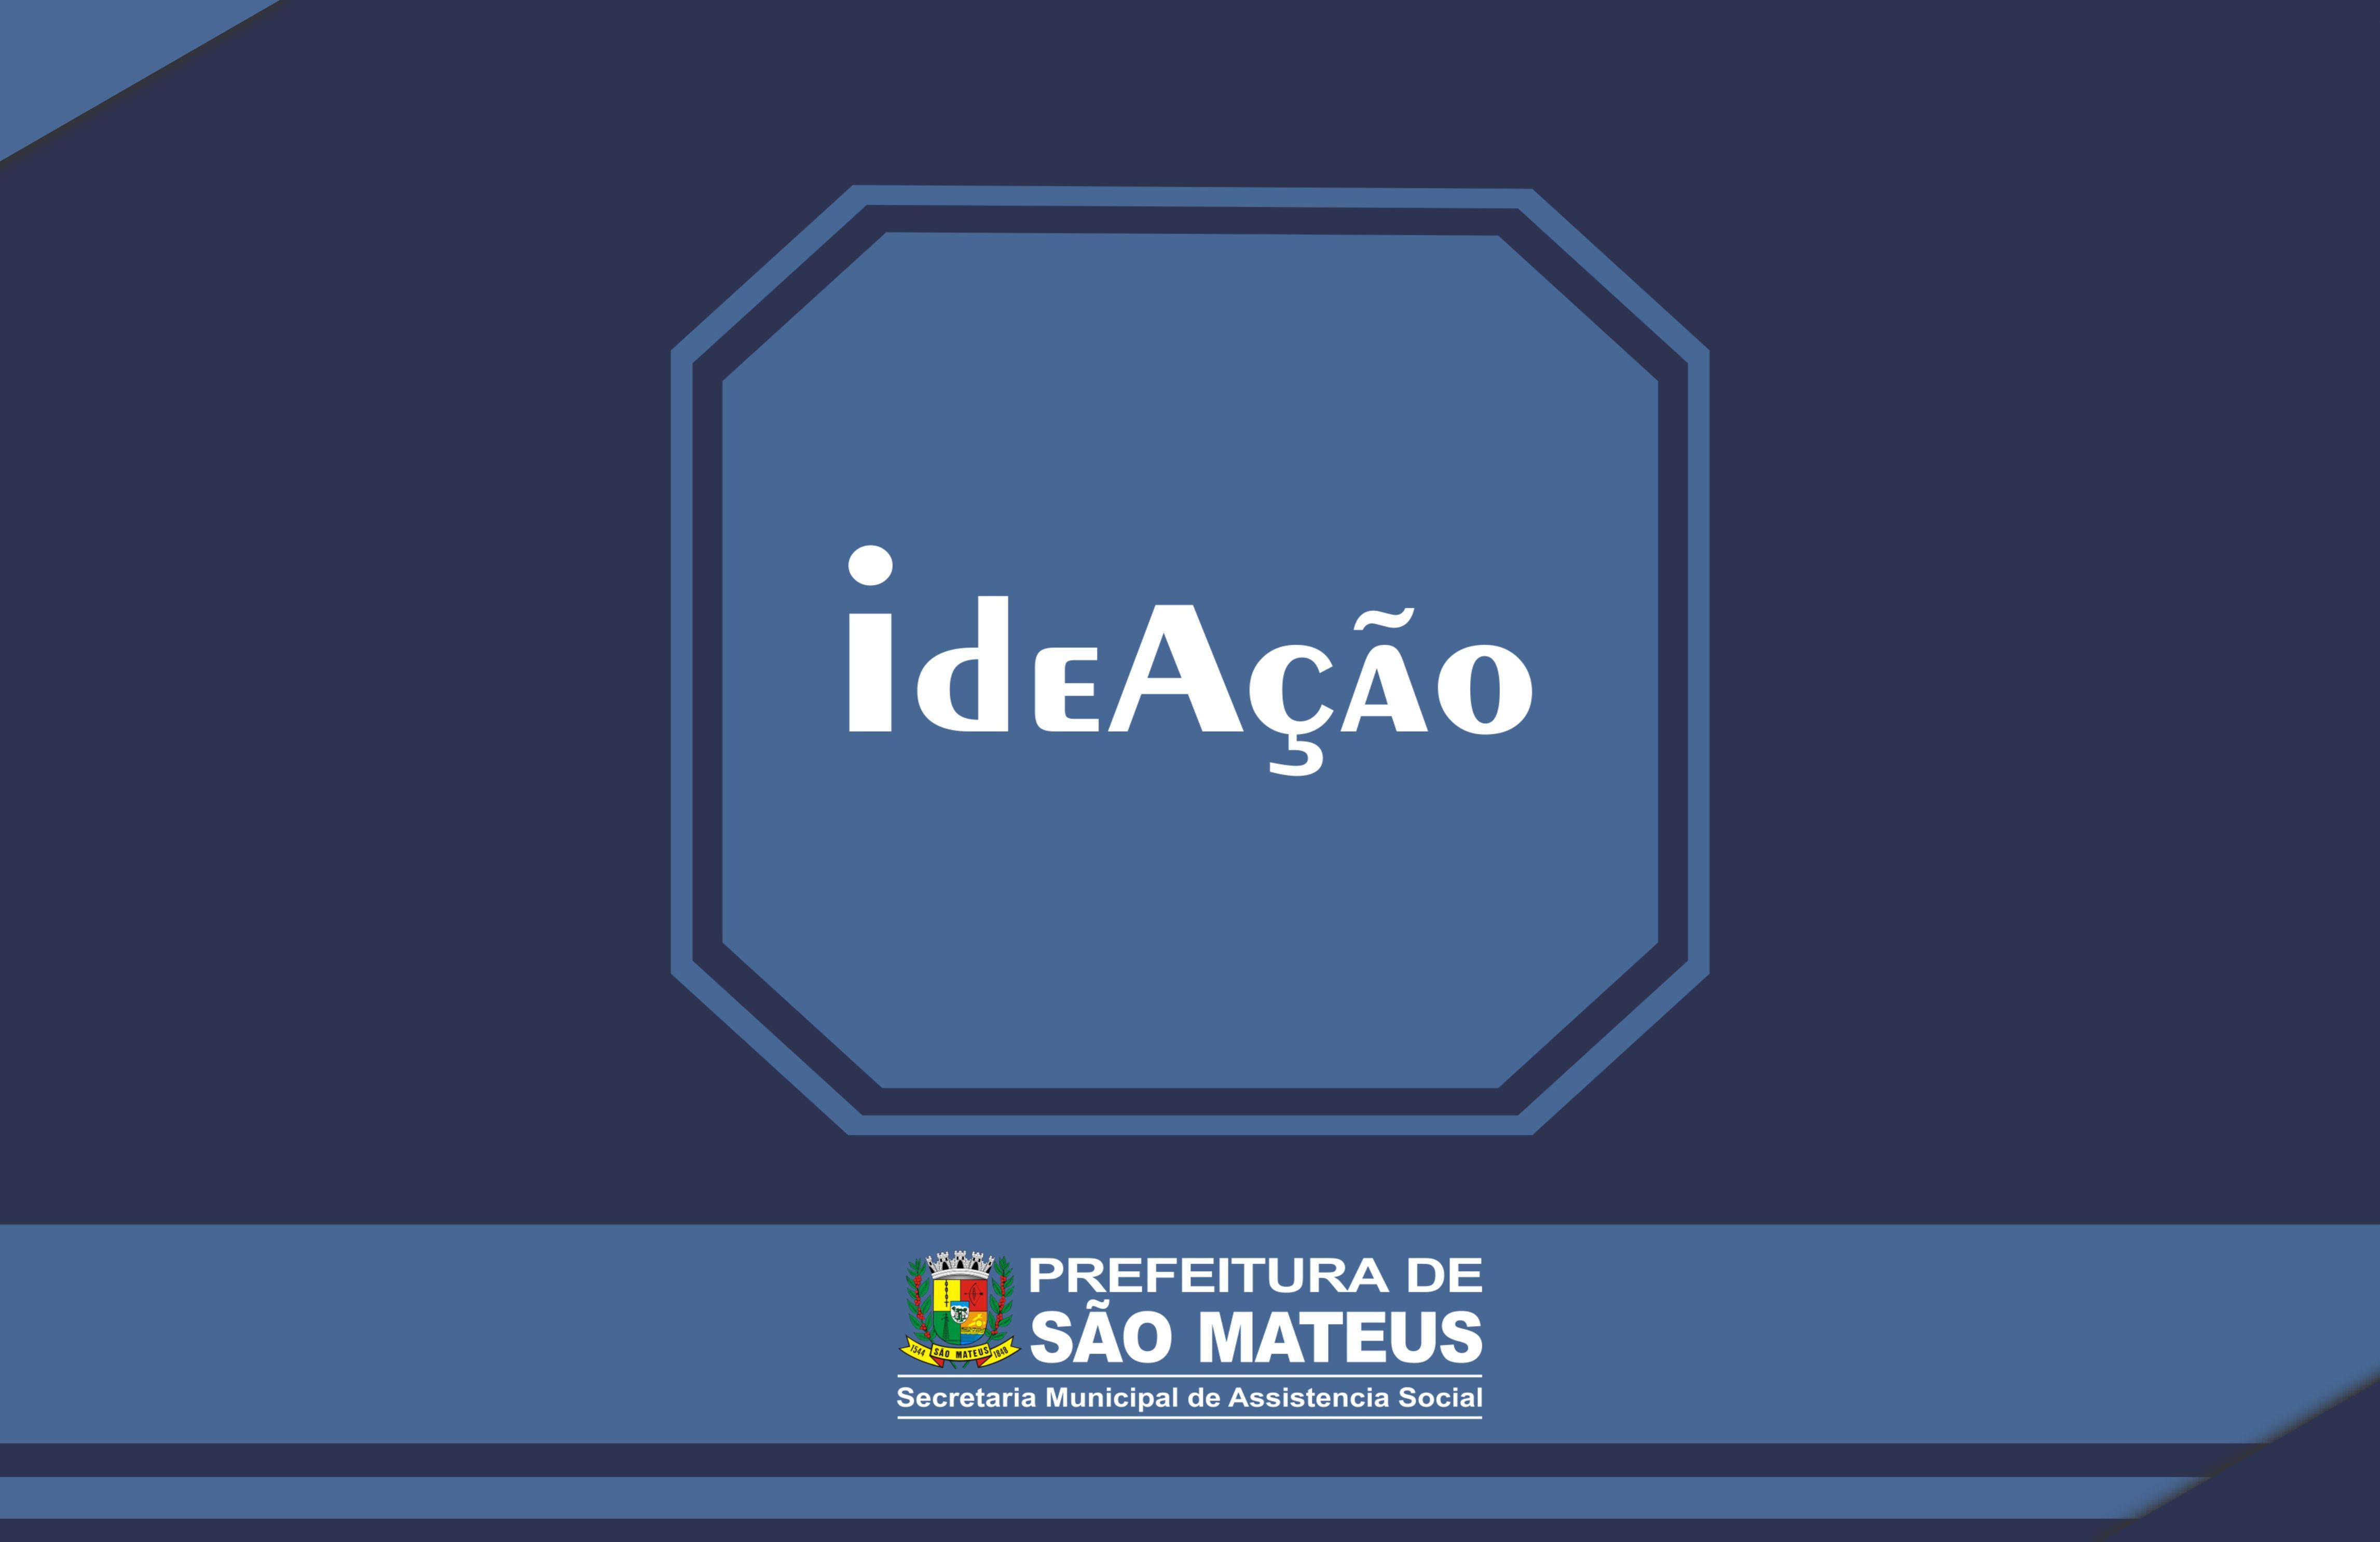 IdeAção por meio da Secretaria Municipal de Assistência Social